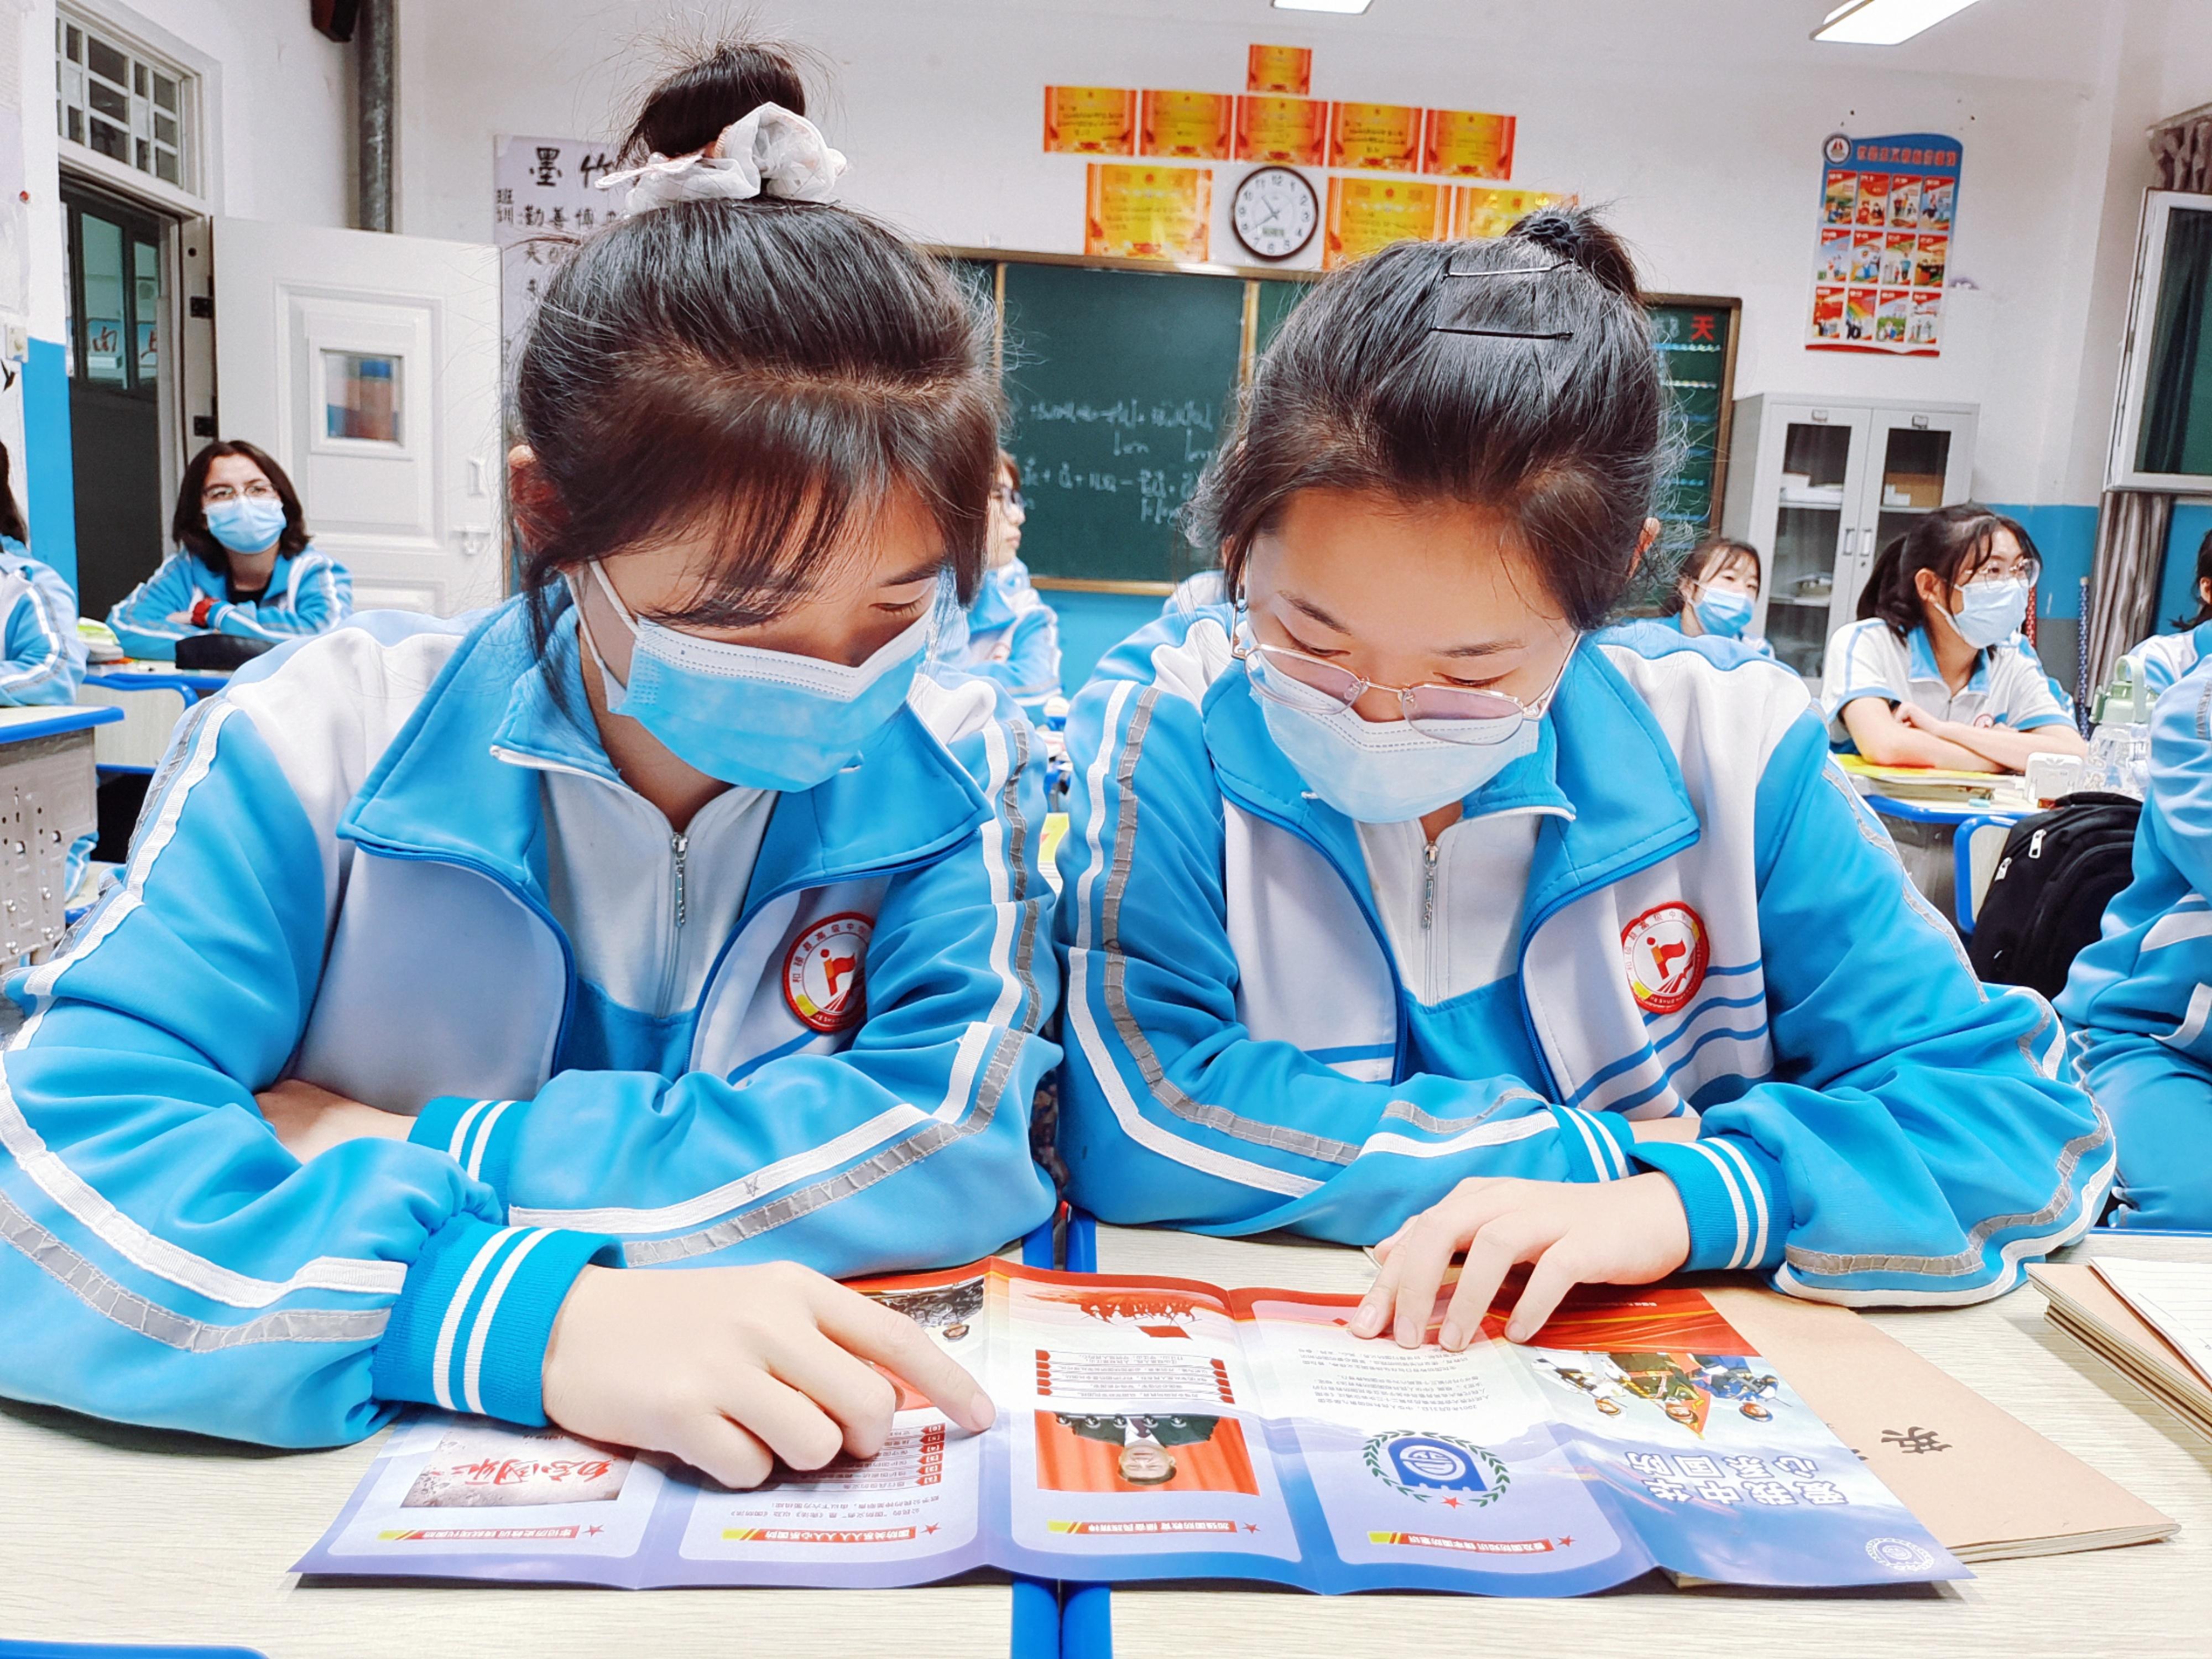 新疆和硕:国防知识进校园 增强青少年国防意识